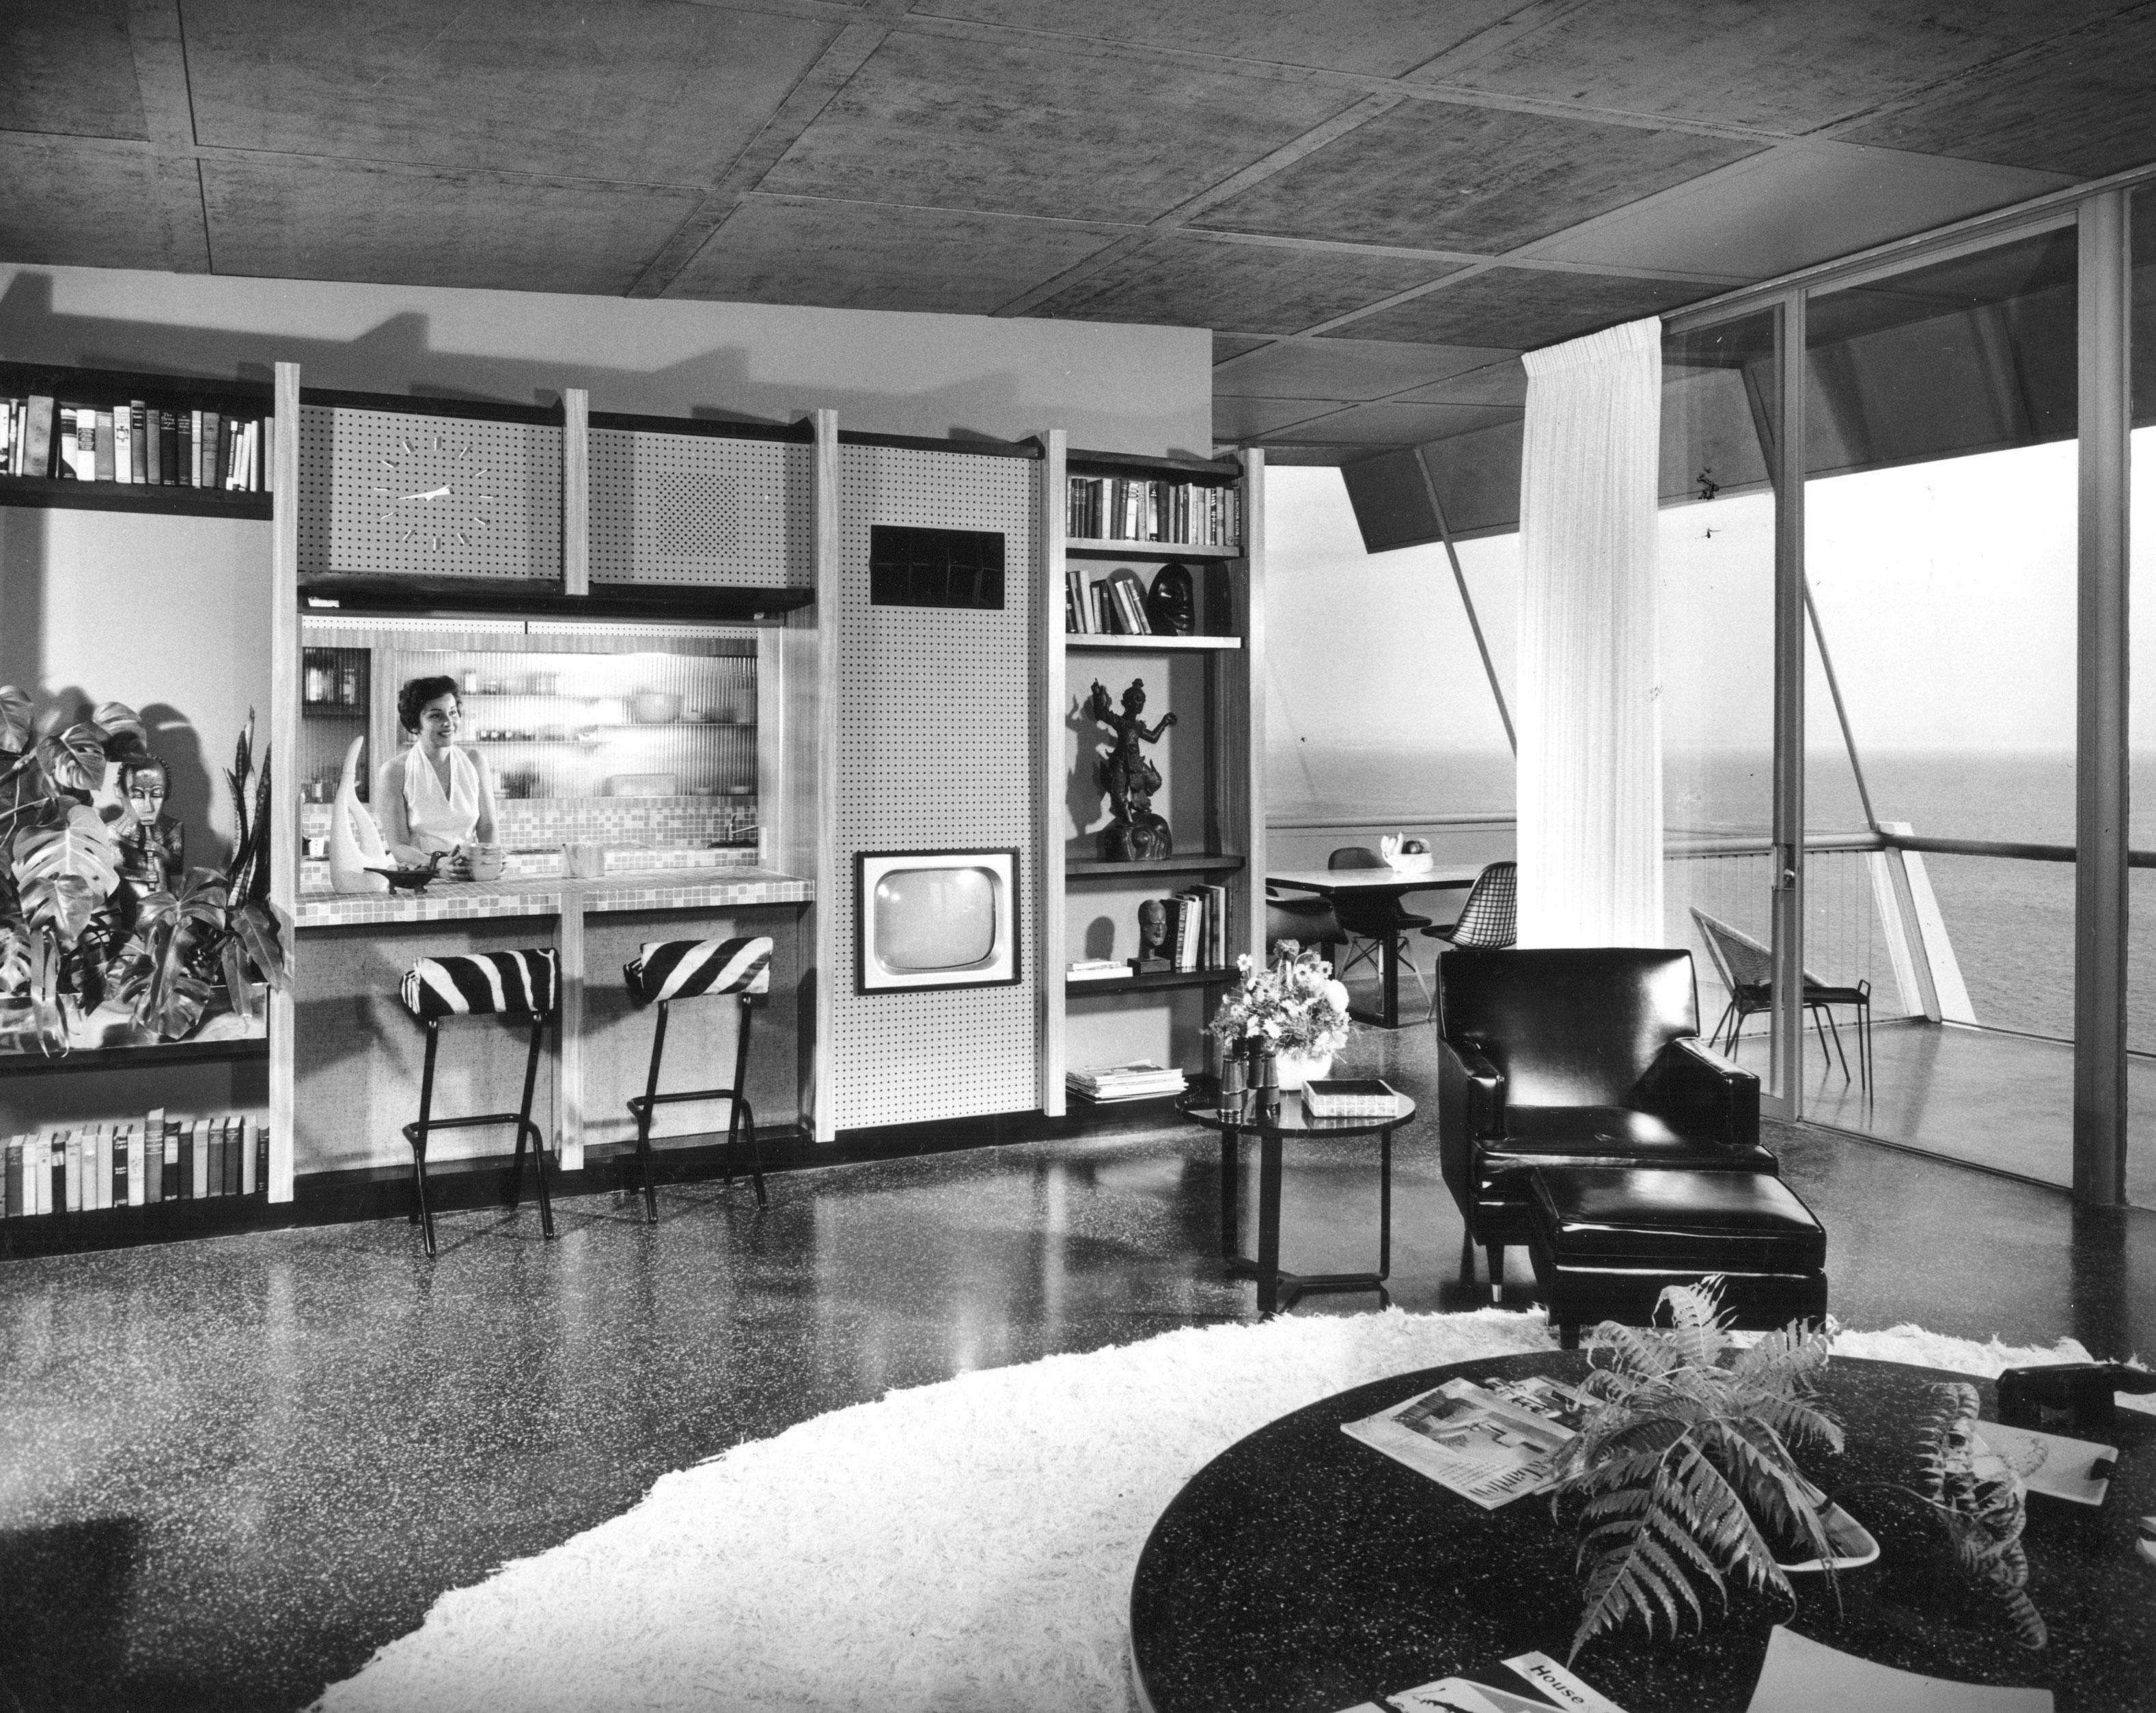 usmodernist richard spencer - 1955 Home Design